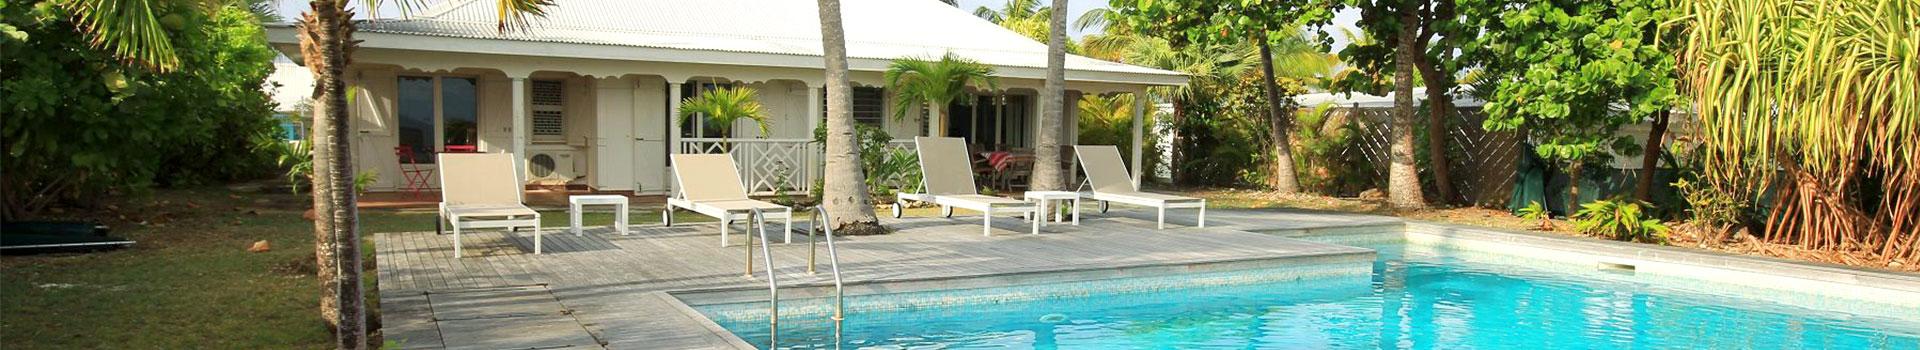 Location saisonnière d'une villa créole avec vue panoramique sur la mer et piscine privative - Villa Caraïbes, www.villacaraibes.fr